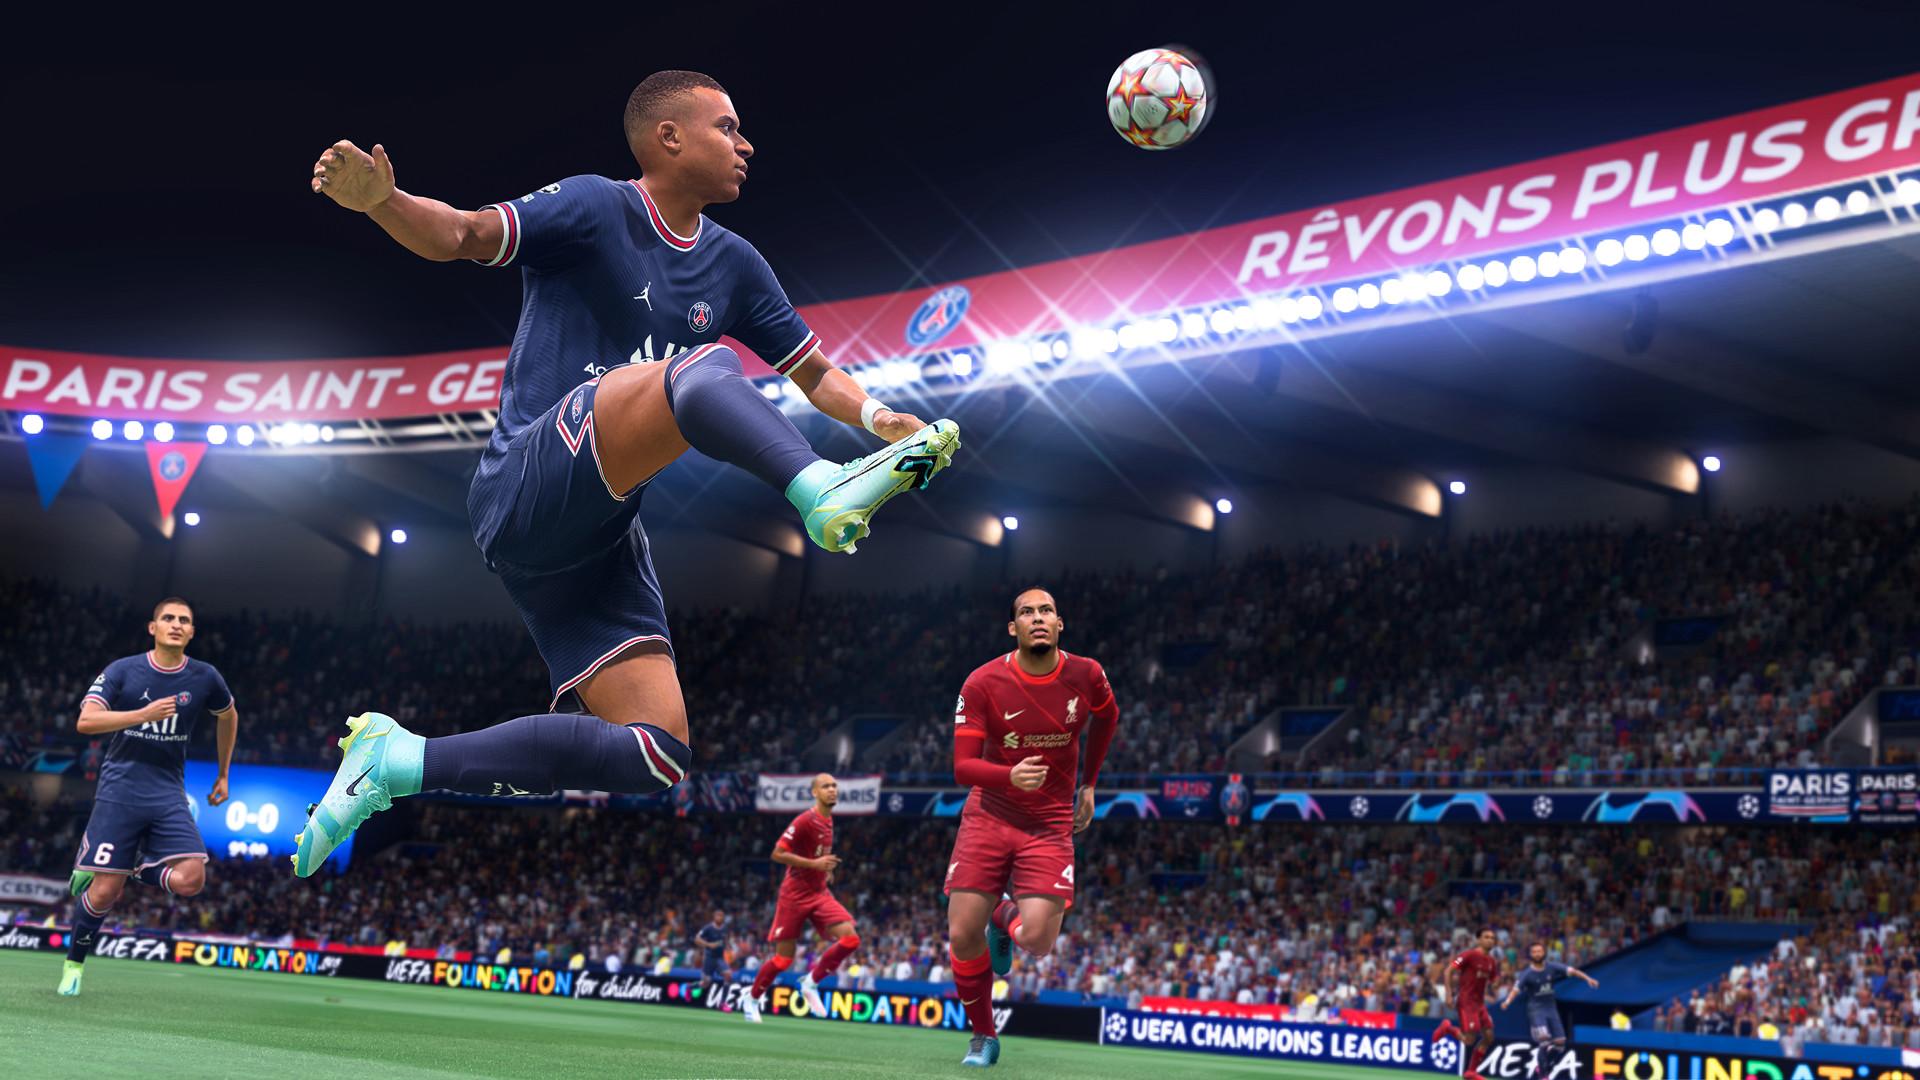 Nem tudo está bem entre a EA e a FIFA